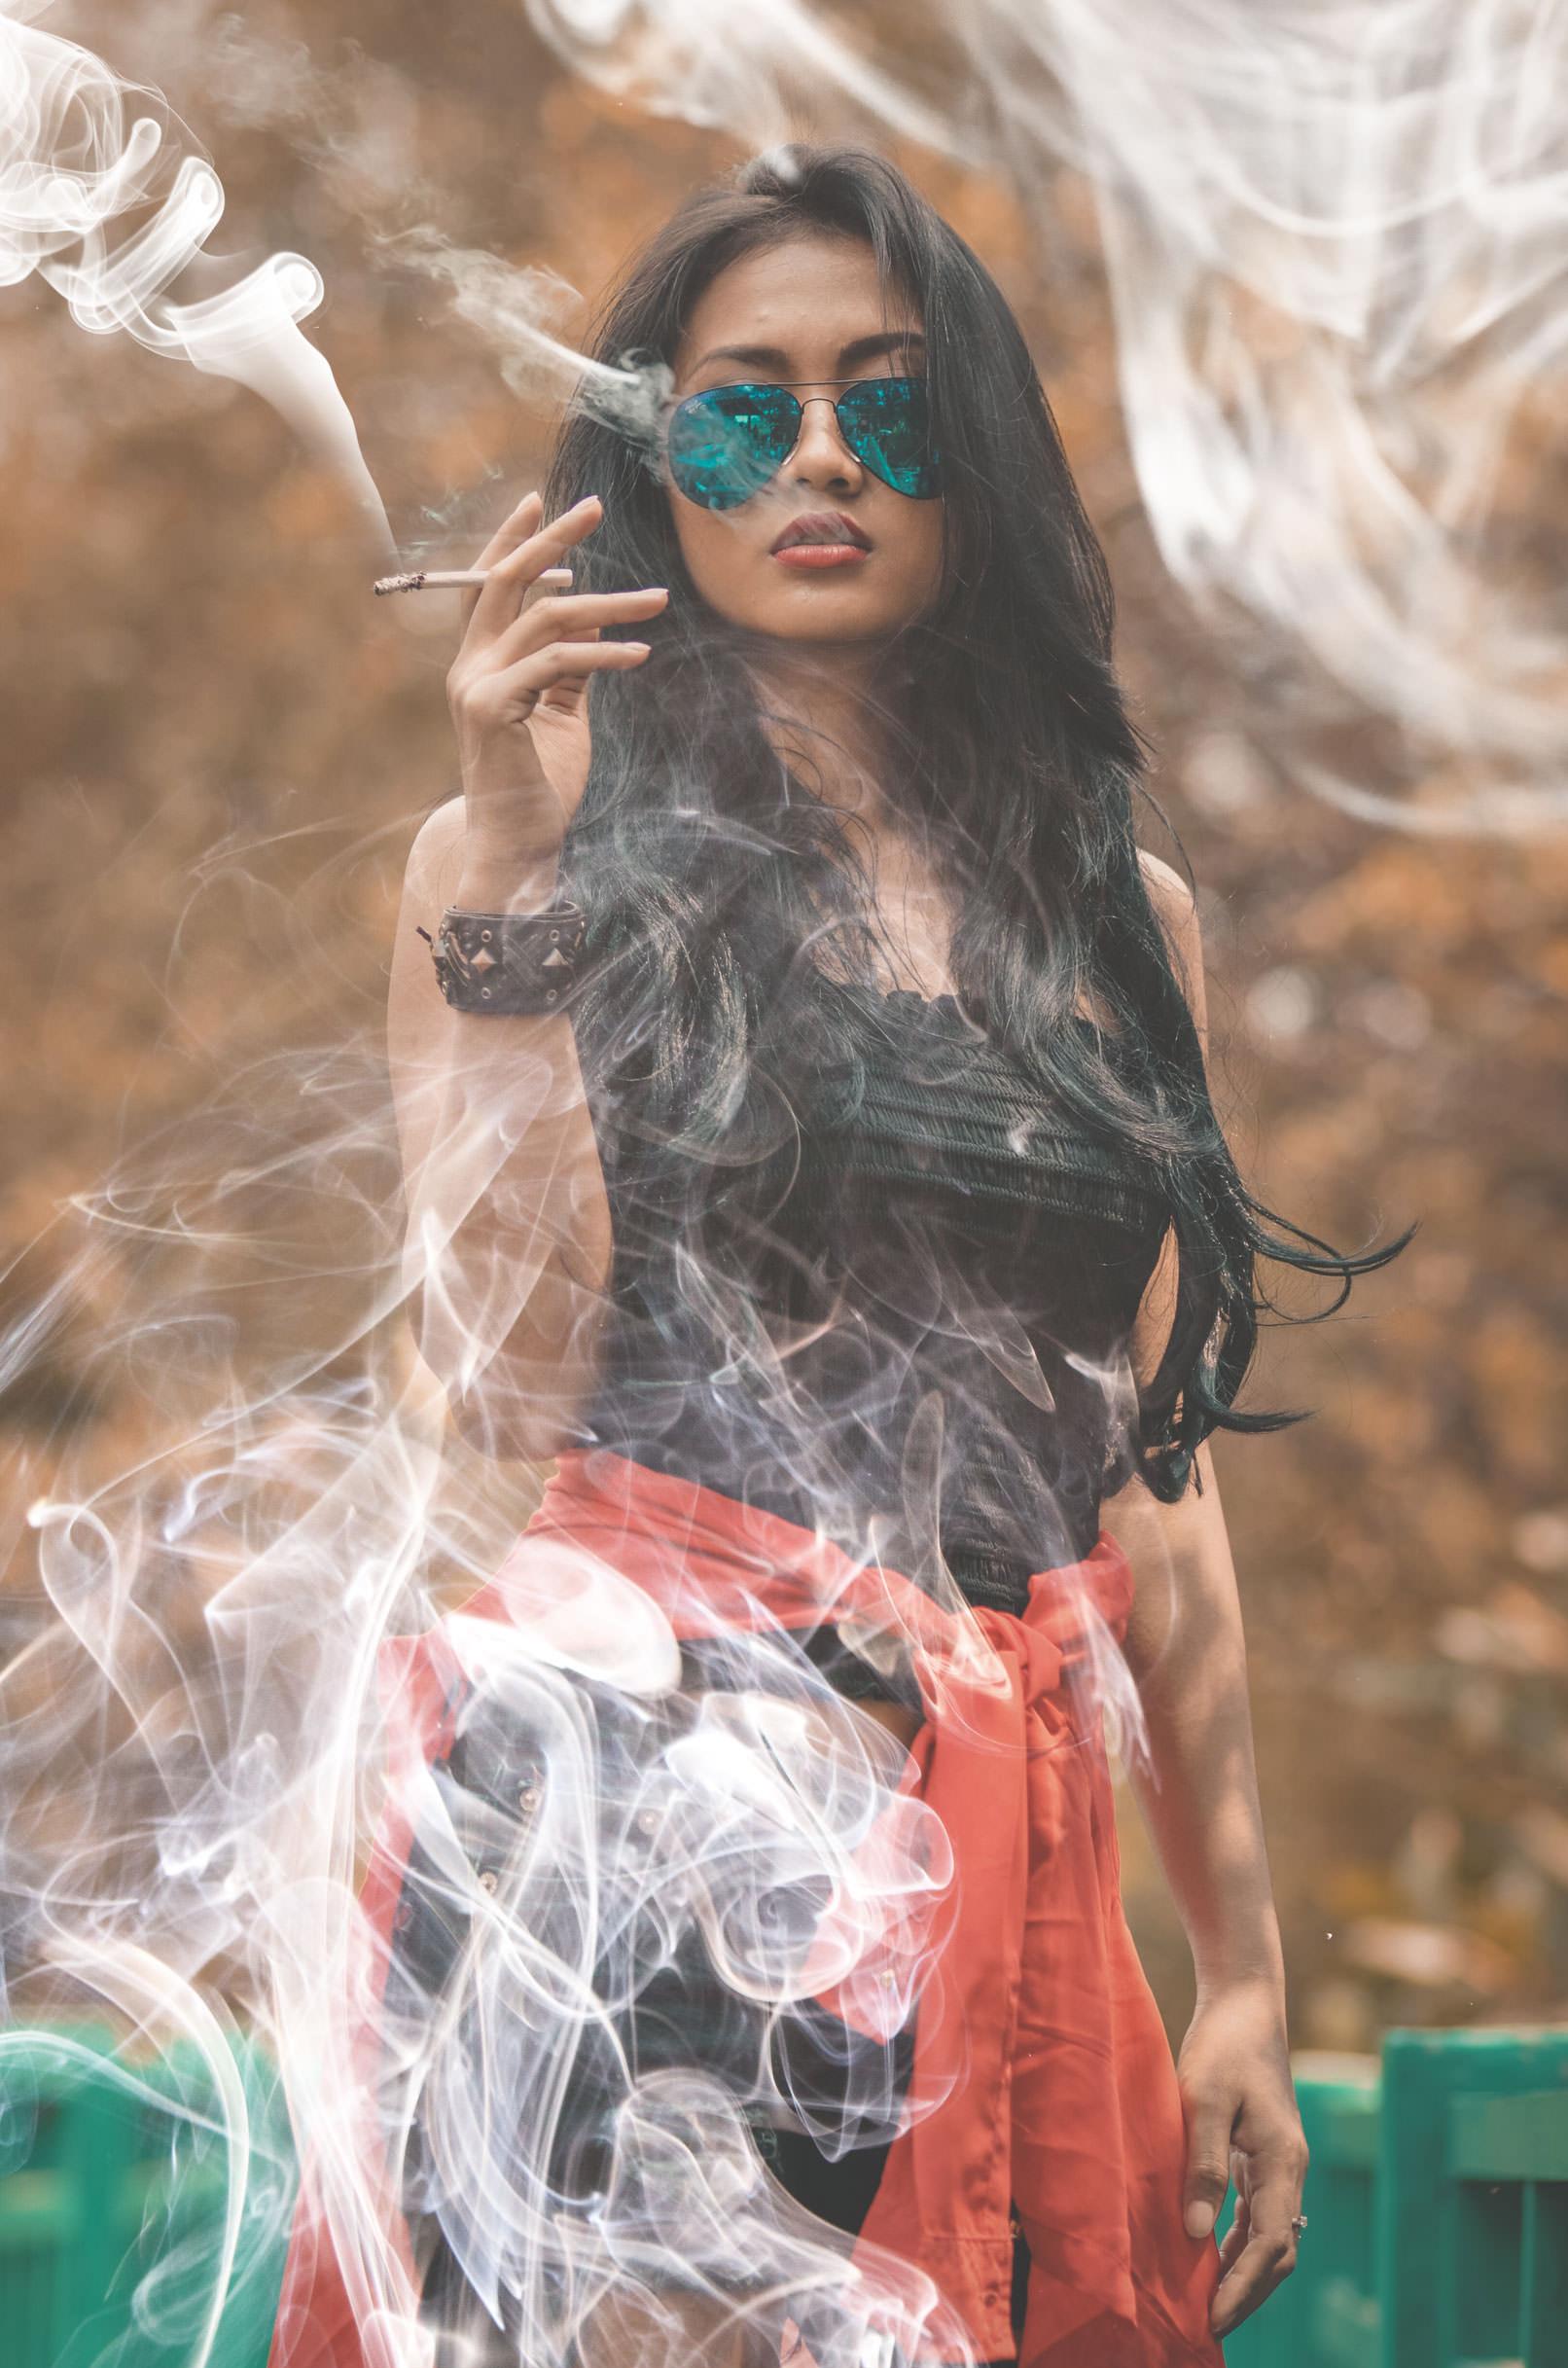 Foto einer Frau mit eingearbeiteten Smoke-Overlays, Rauch-Bildern